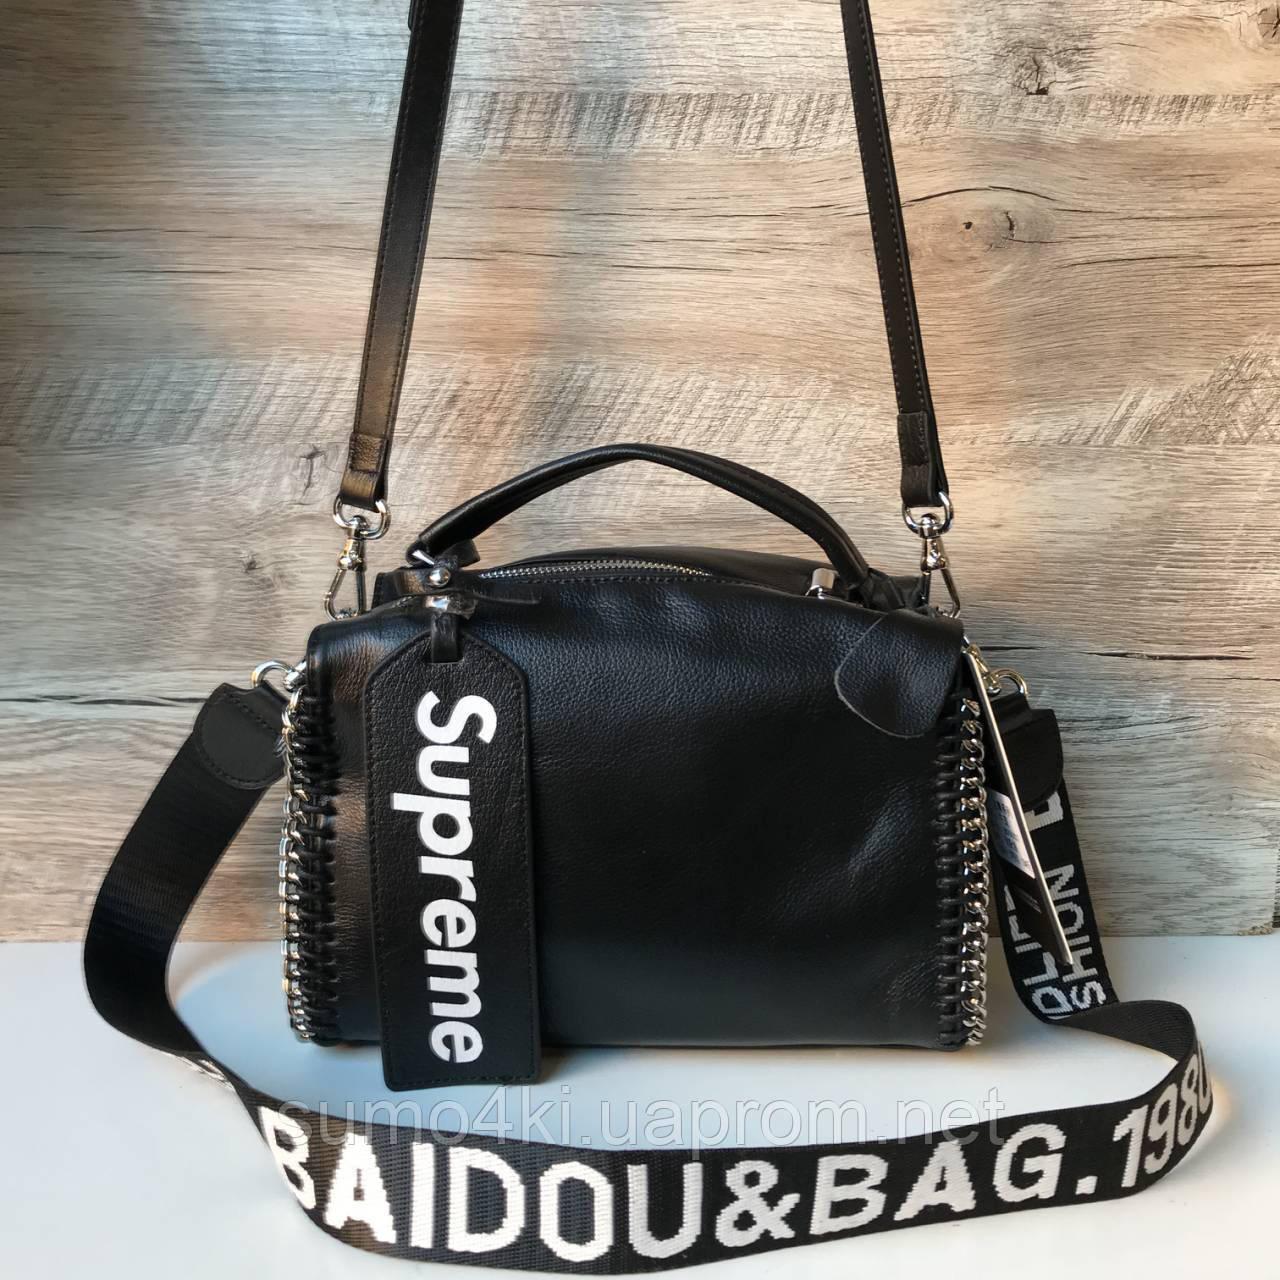 aca8ac084962 Женская крутая кожаная сумка supreme - Интернет-магазин «Галерея Сумок» в  Одессе